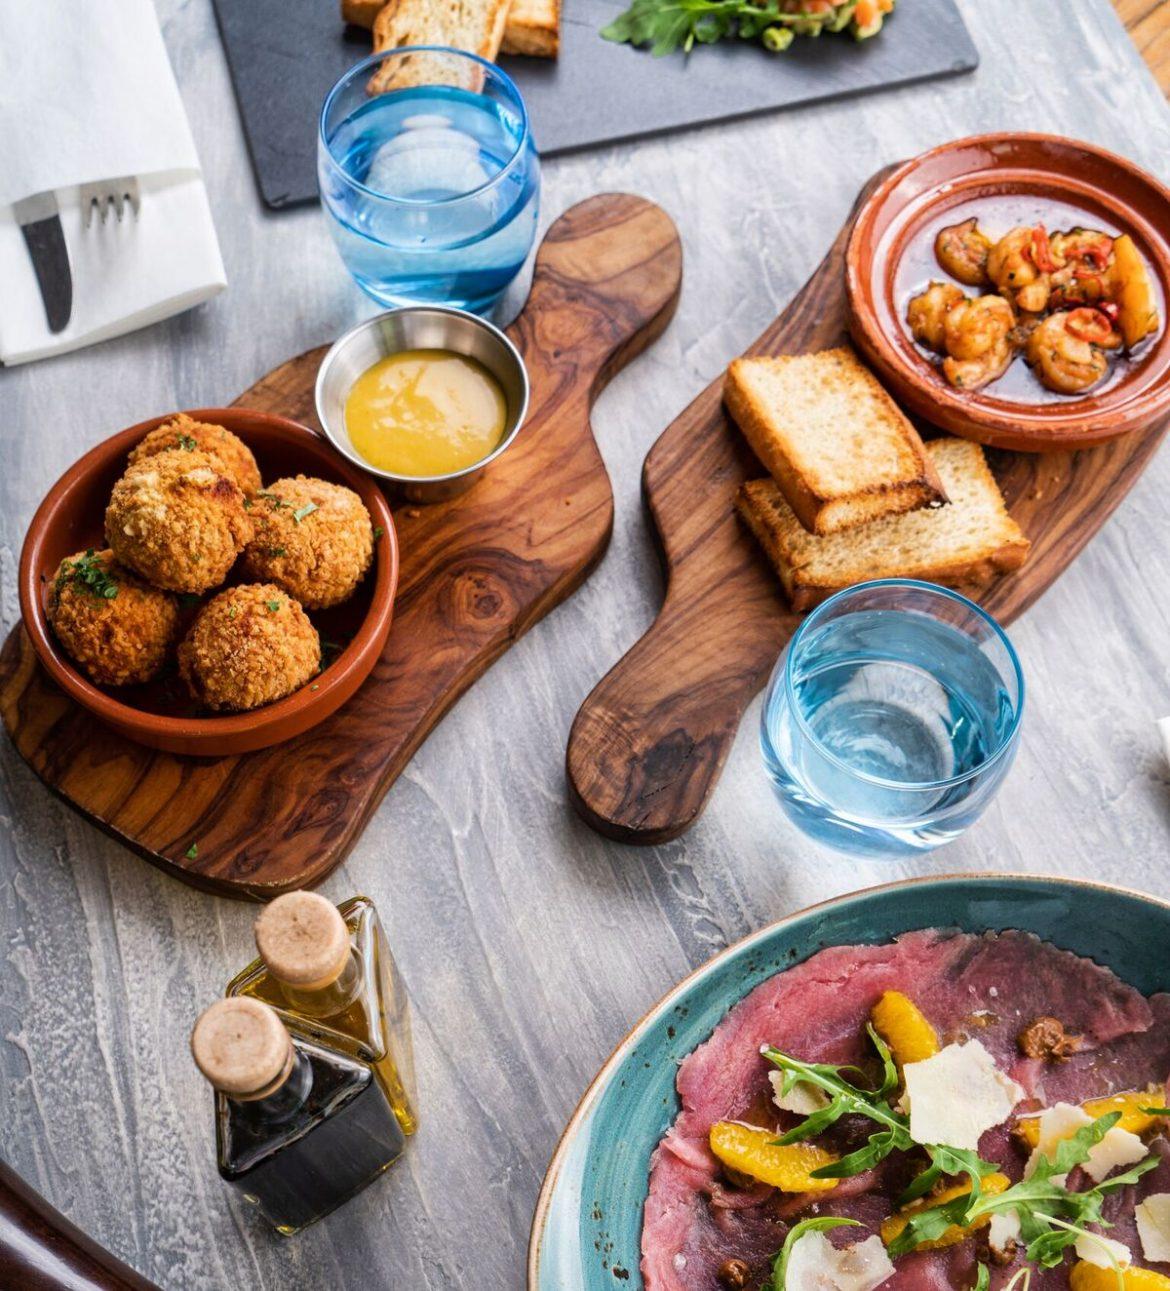 مطعم ريفا يطلق قائمة طعام جديدة لموسم الصيف 2019